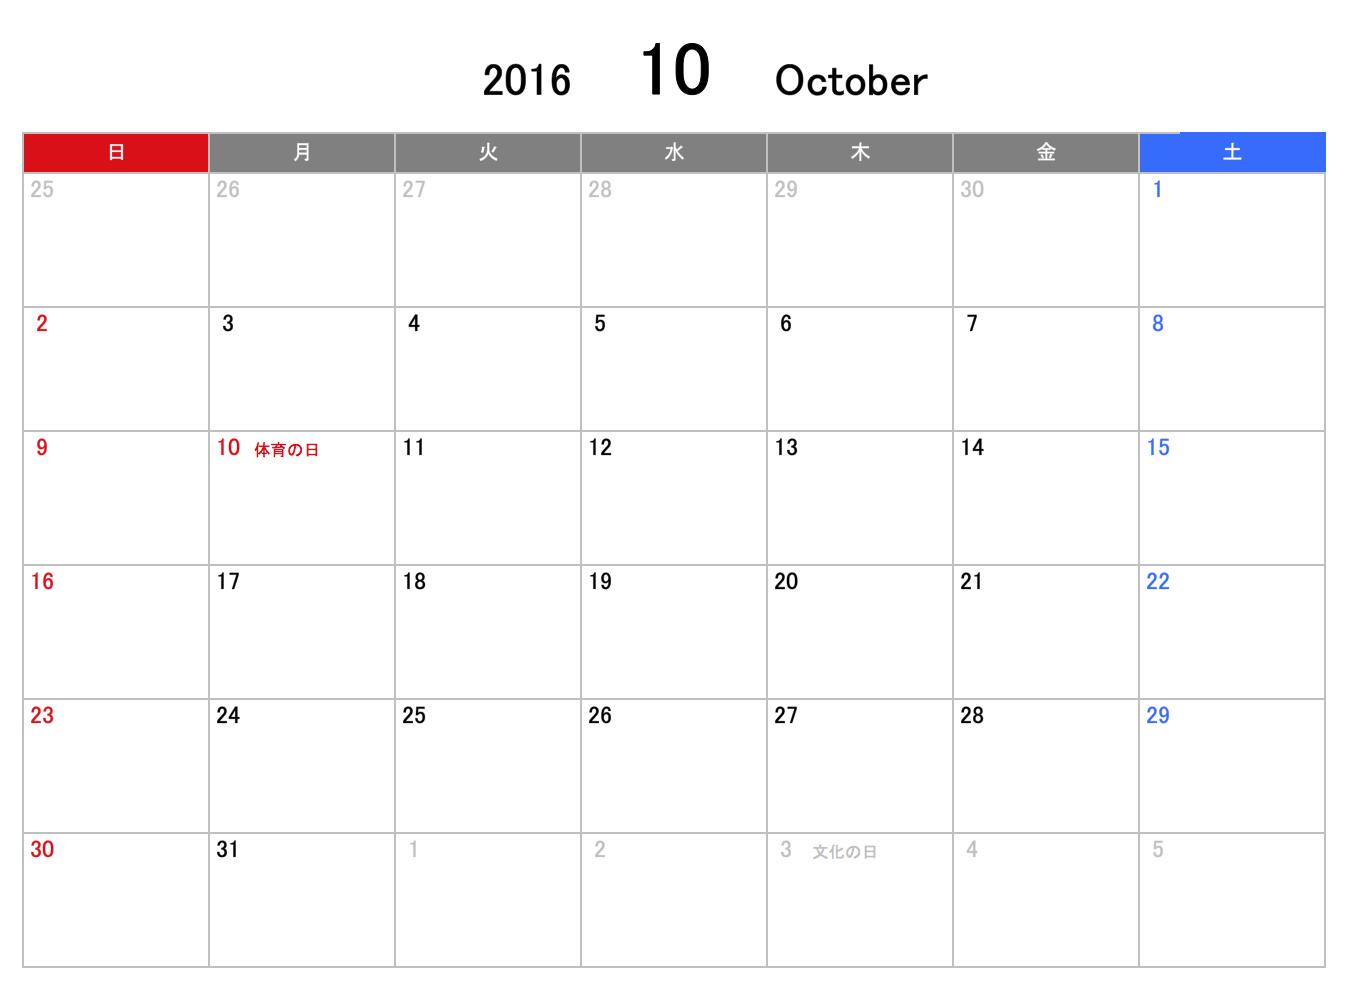 Excelカレンダー2016年10月(平成28年)